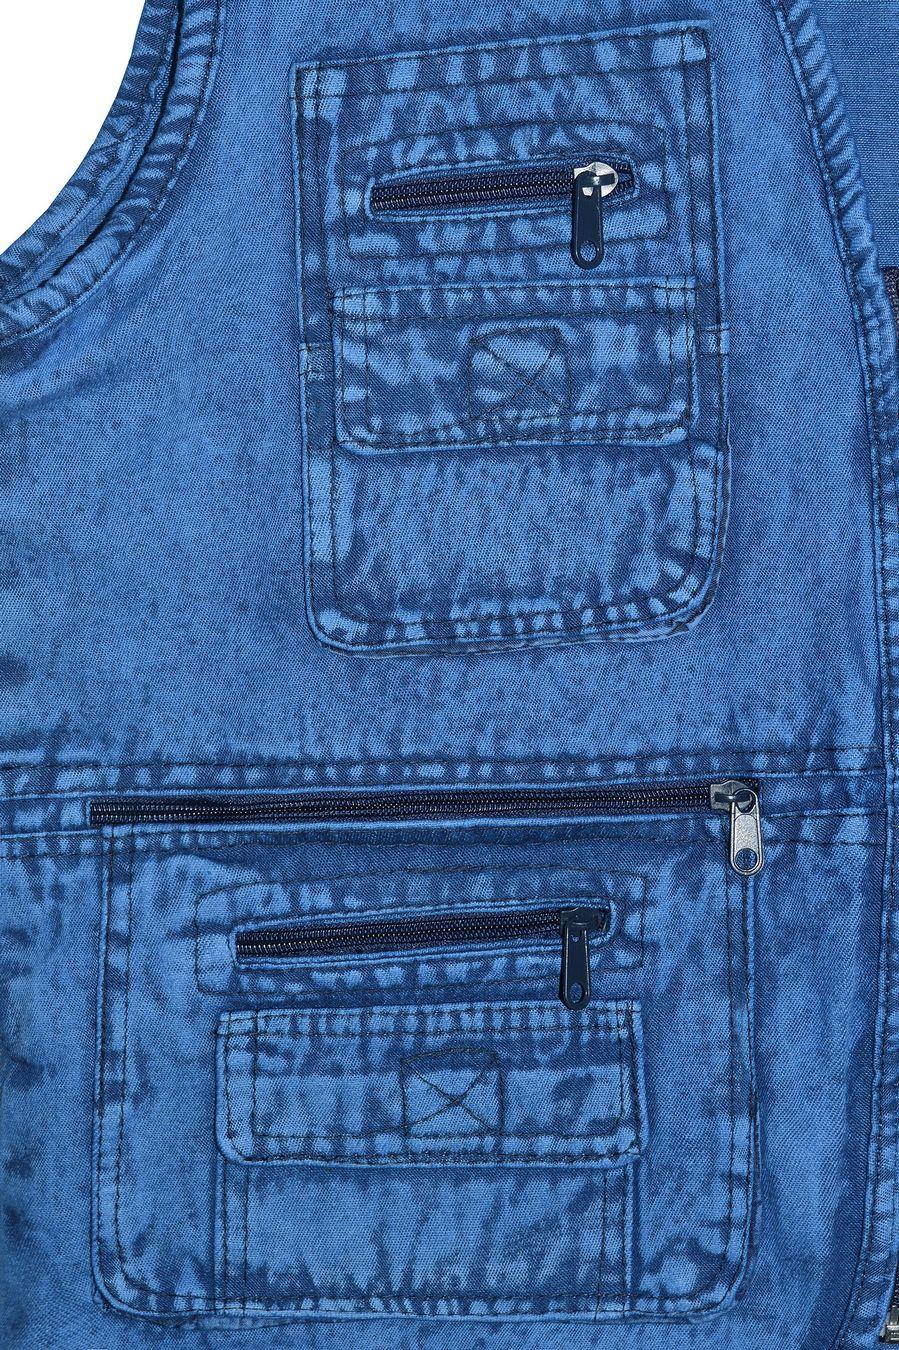 Жилет мужской Sport #10 джинсовый синий - фото 3